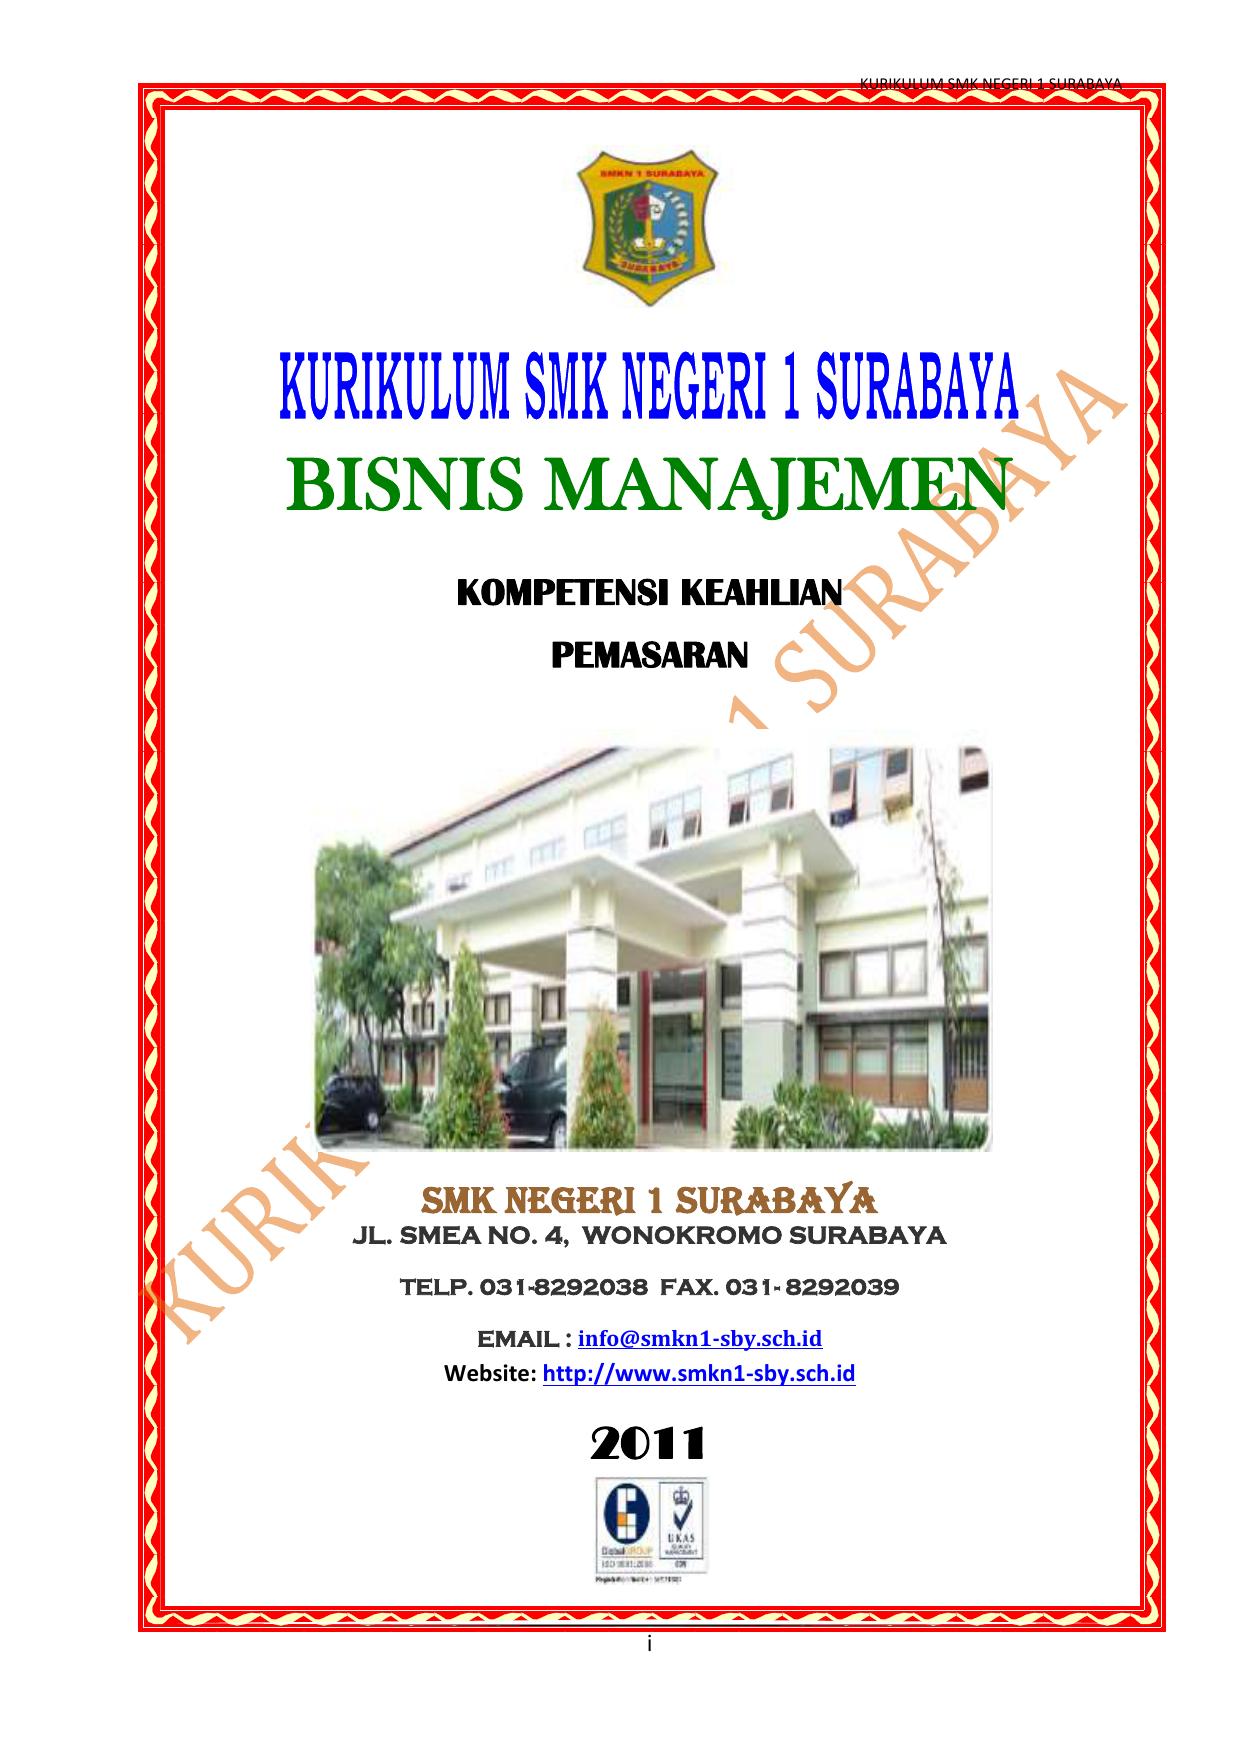 Bisnis Manajemen Kompetensi Keahlian Pemasaran Smk Negeri 1